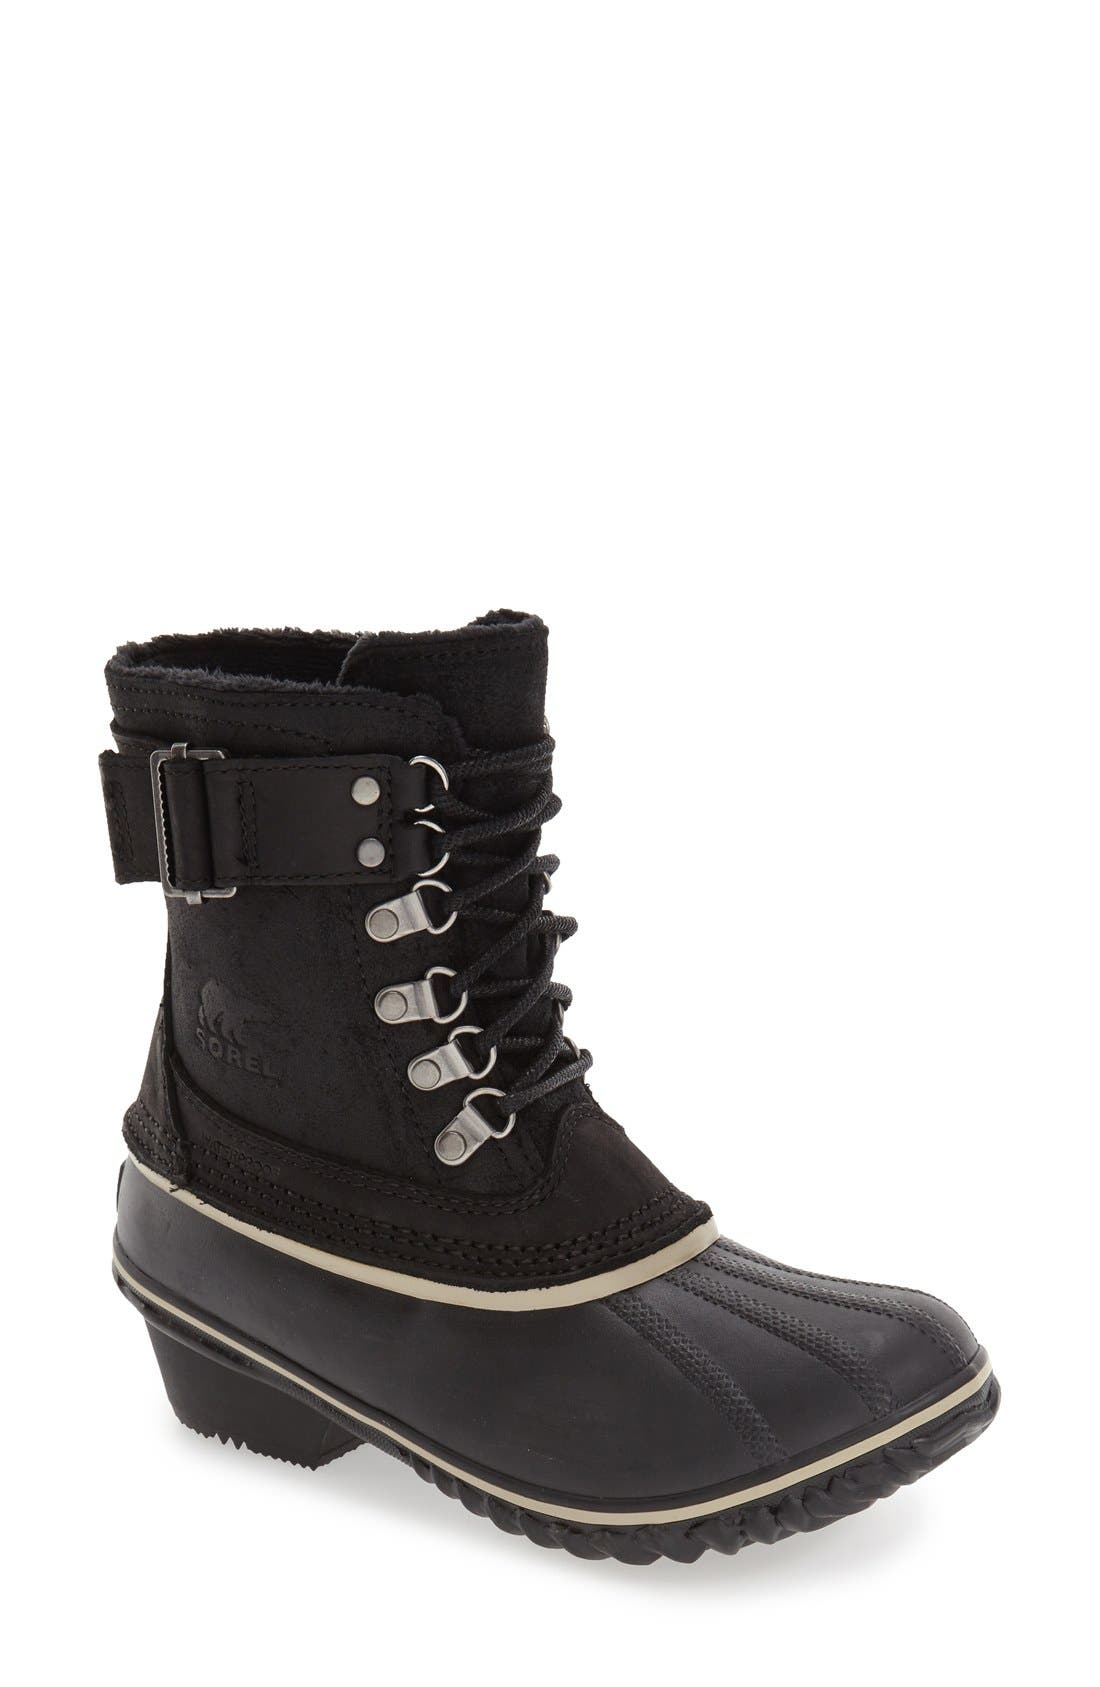 SOREL Winter Fancy II Waterproof Lace-Up Boot